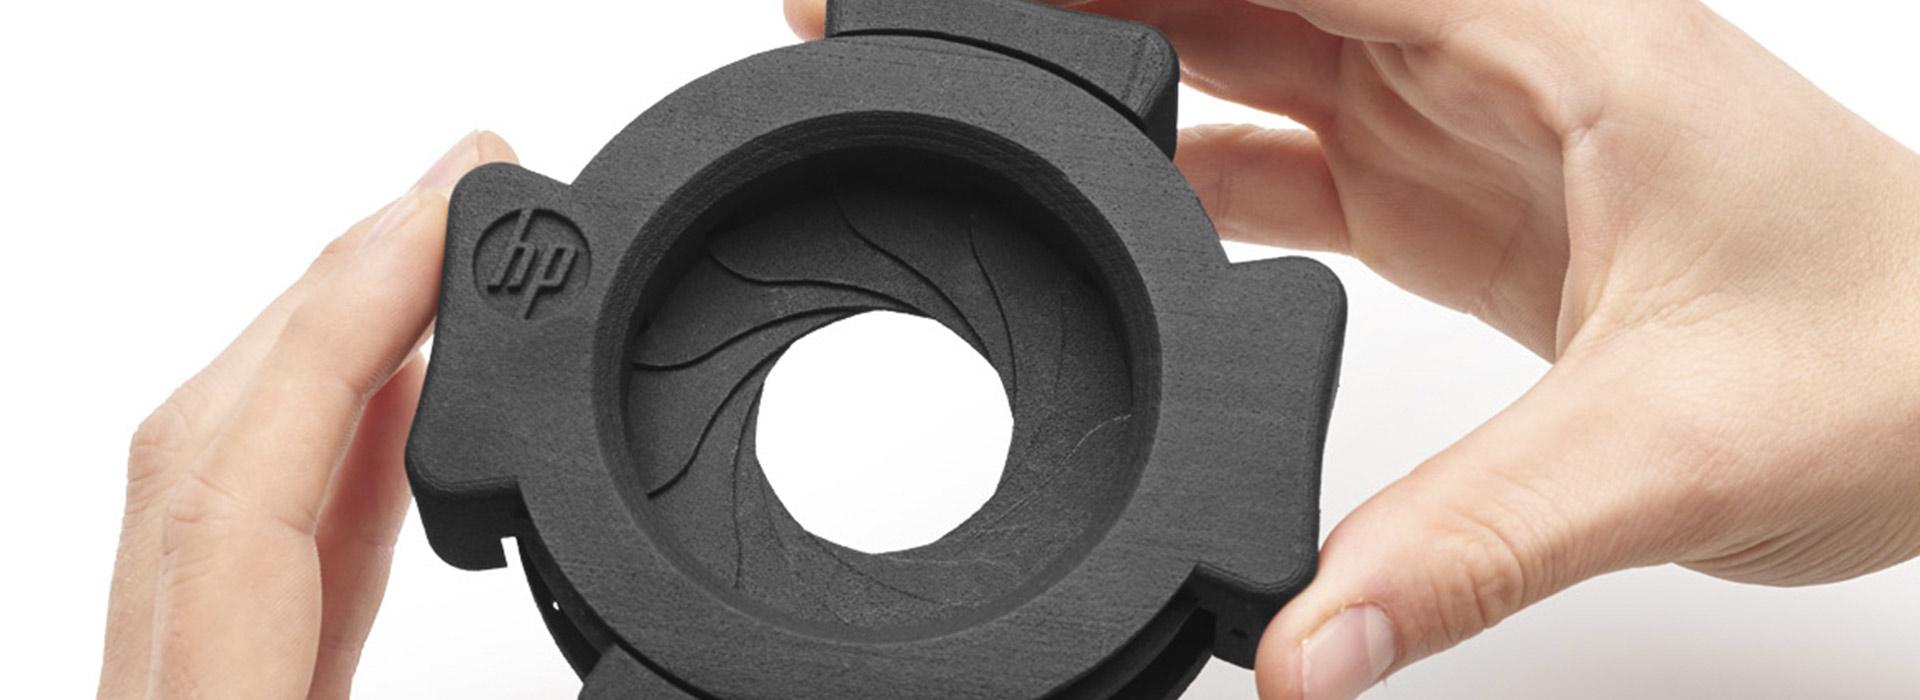 ESPECIALISTAS EN 3D PRINTING